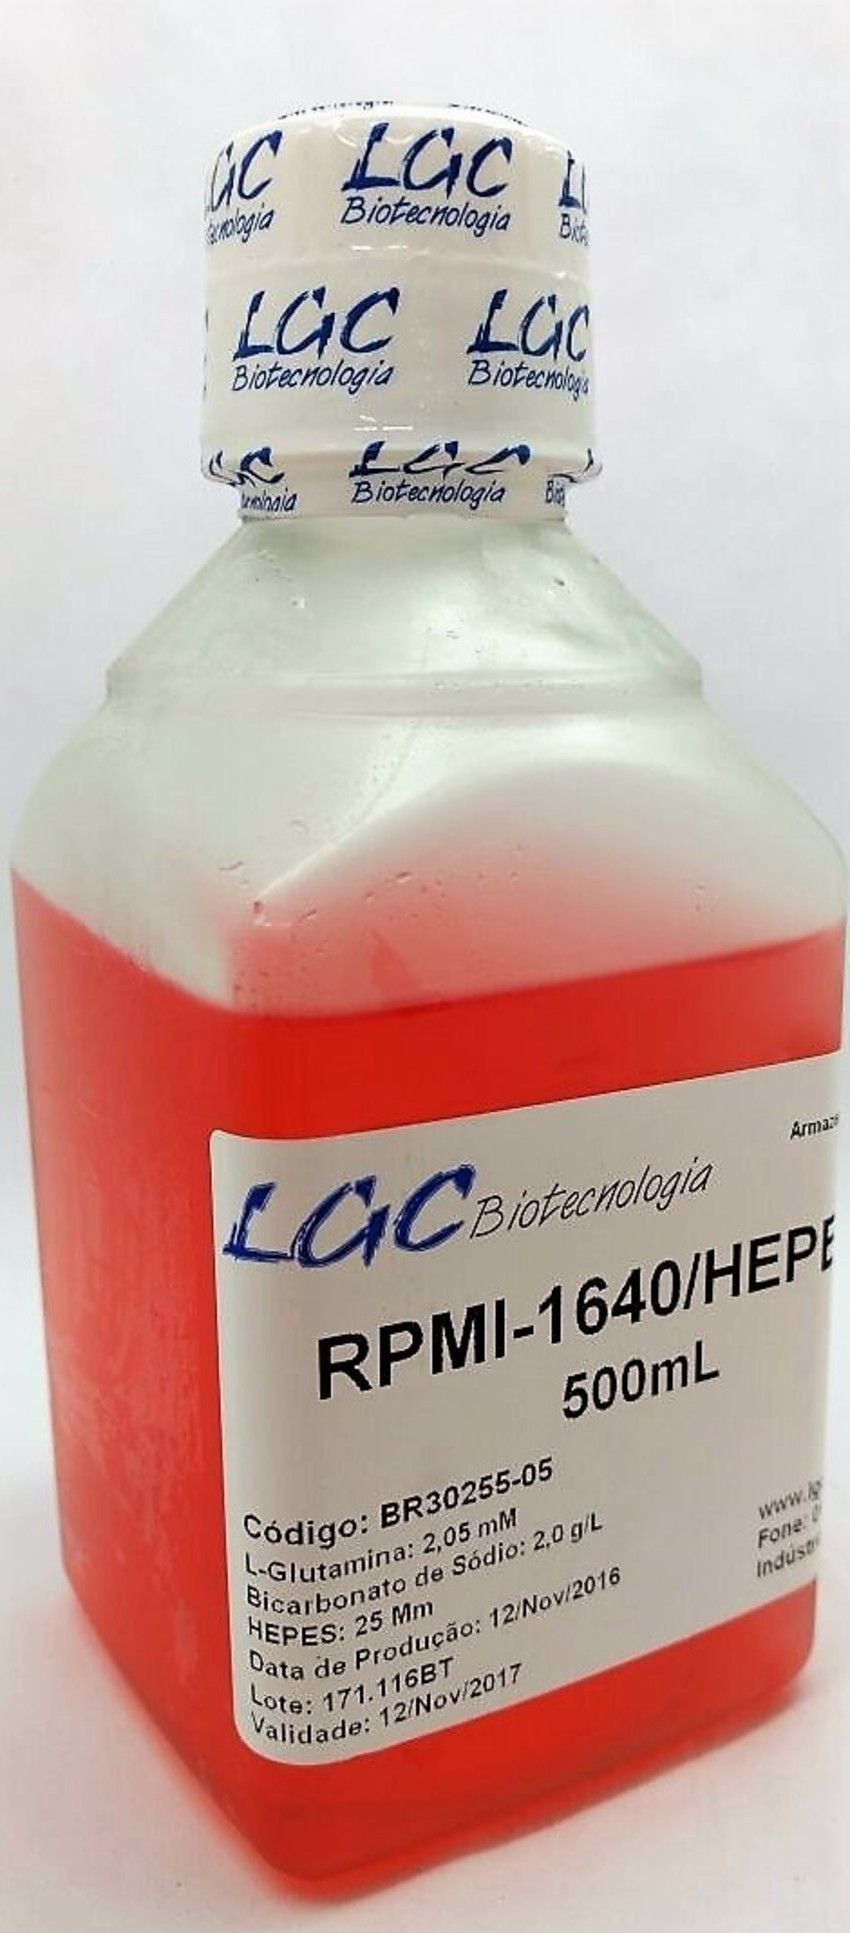 RPMI-1640 COM HEPES (25MM)